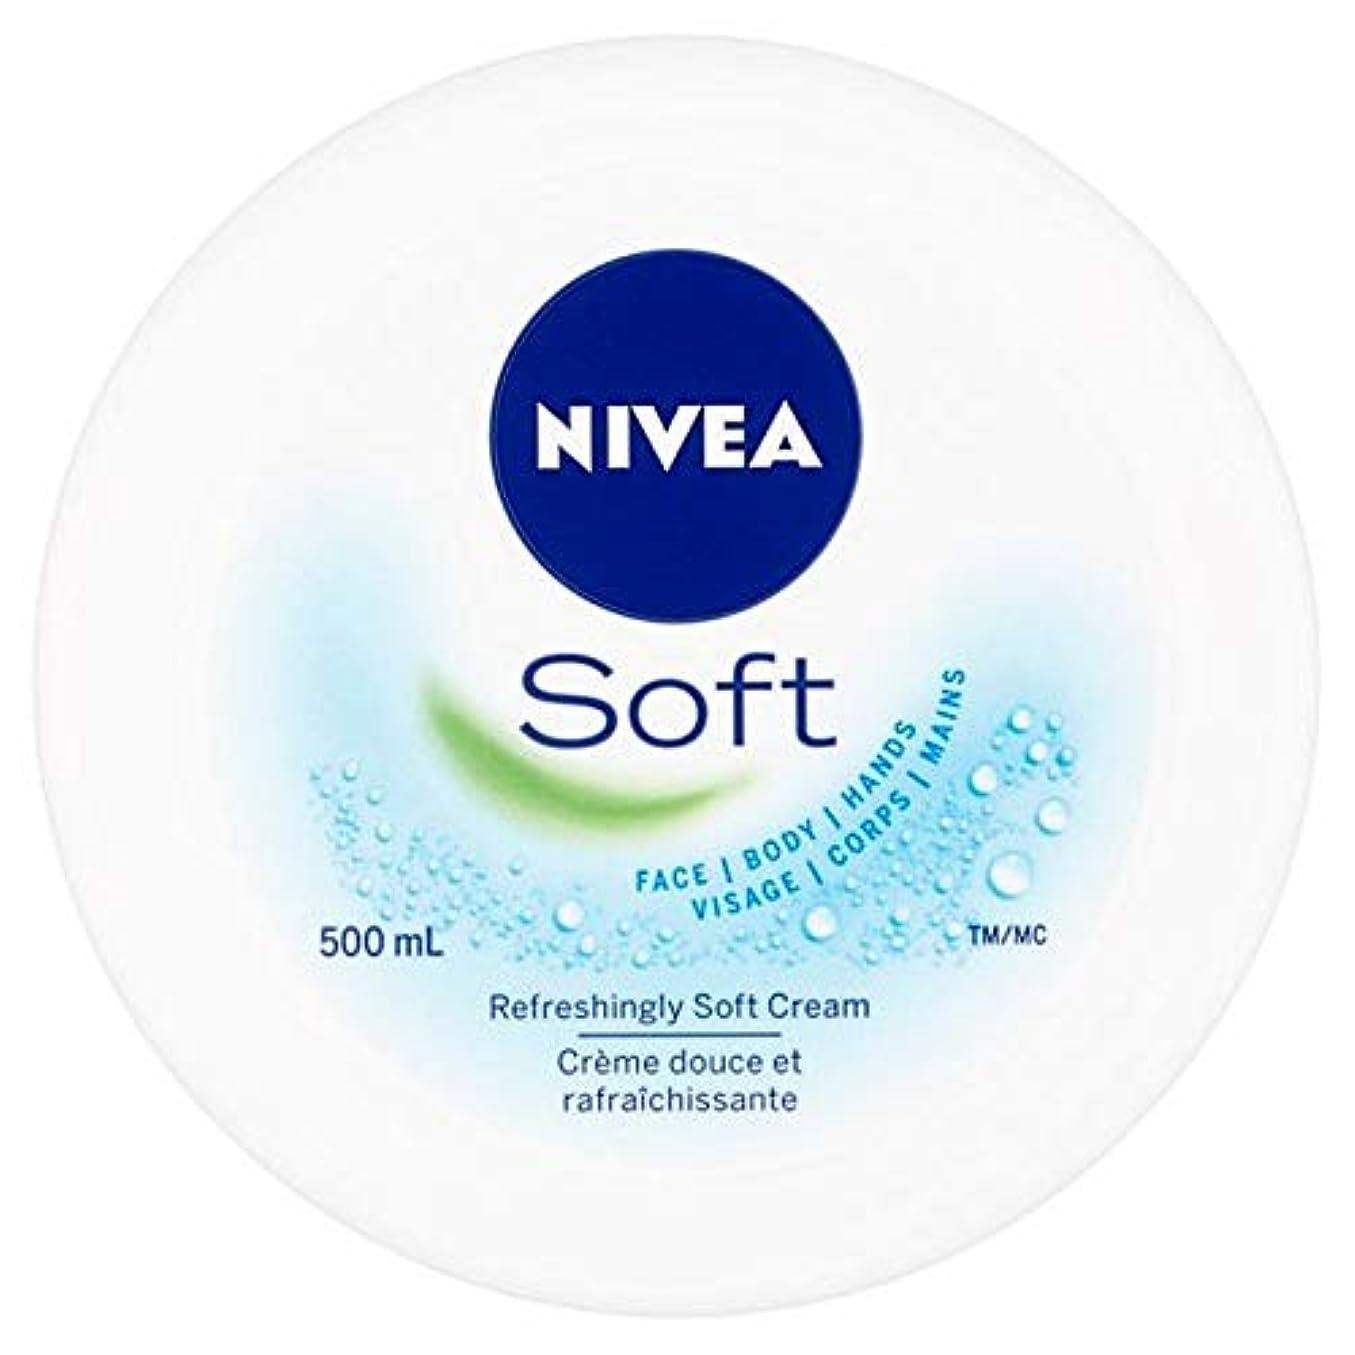 うれしい野球ウォルターカニンガム[Nivea] ニベアソフト爽やかなクリーム500ミリリットル - Nivea Soft Refreshing Cream 500Ml [並行輸入品]